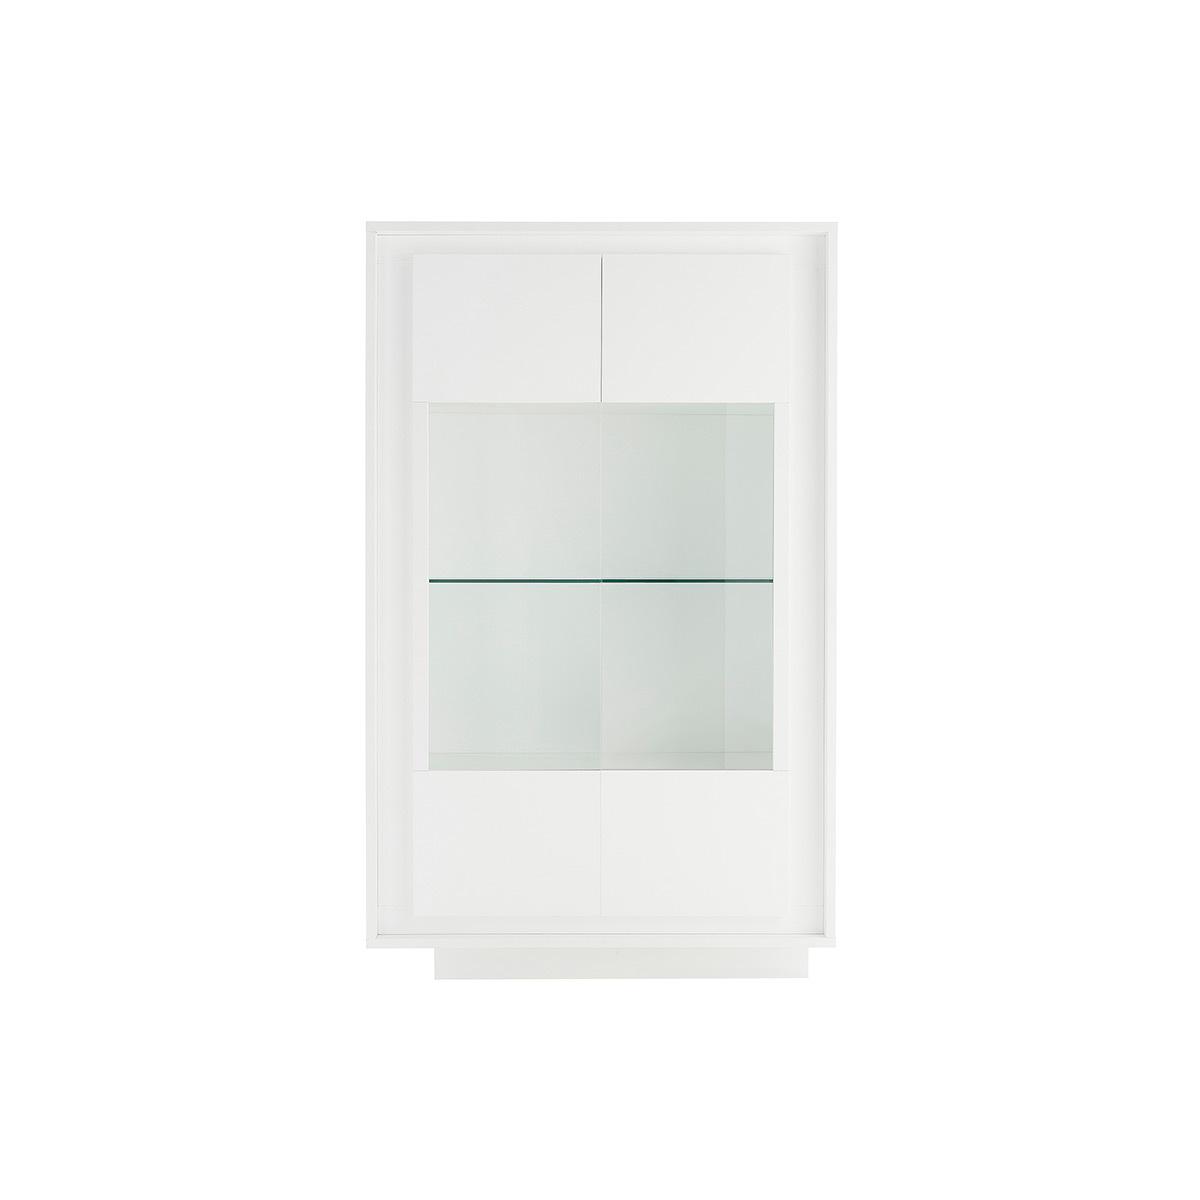 Mobiletto buffet in vetro design Bianco LAND